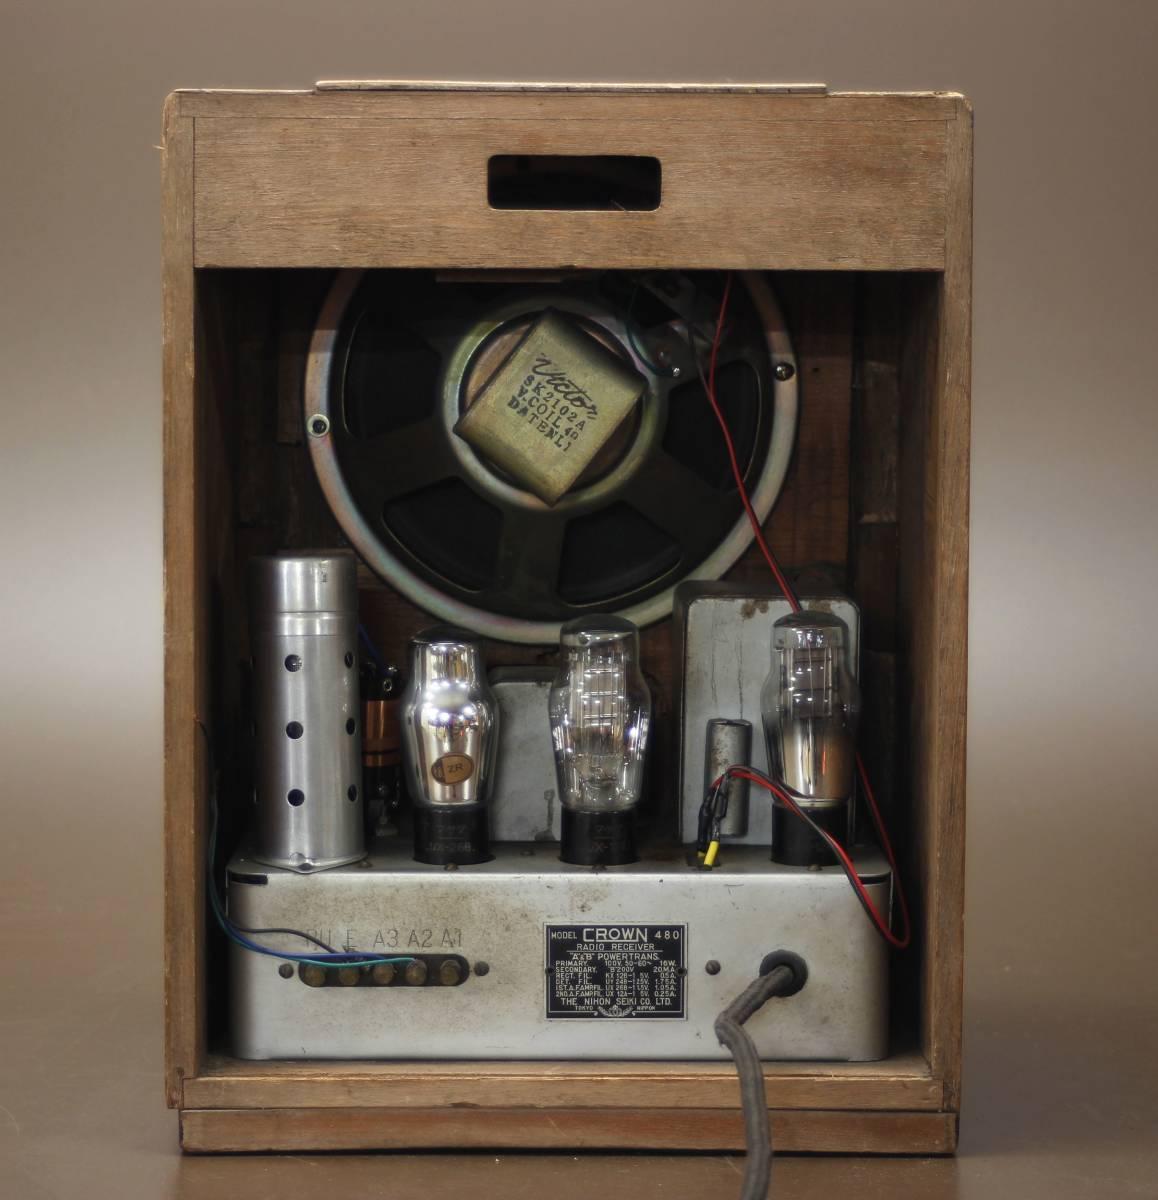 CROWN 480 古い真空管ラジオ ジャンク クラウン_画像5